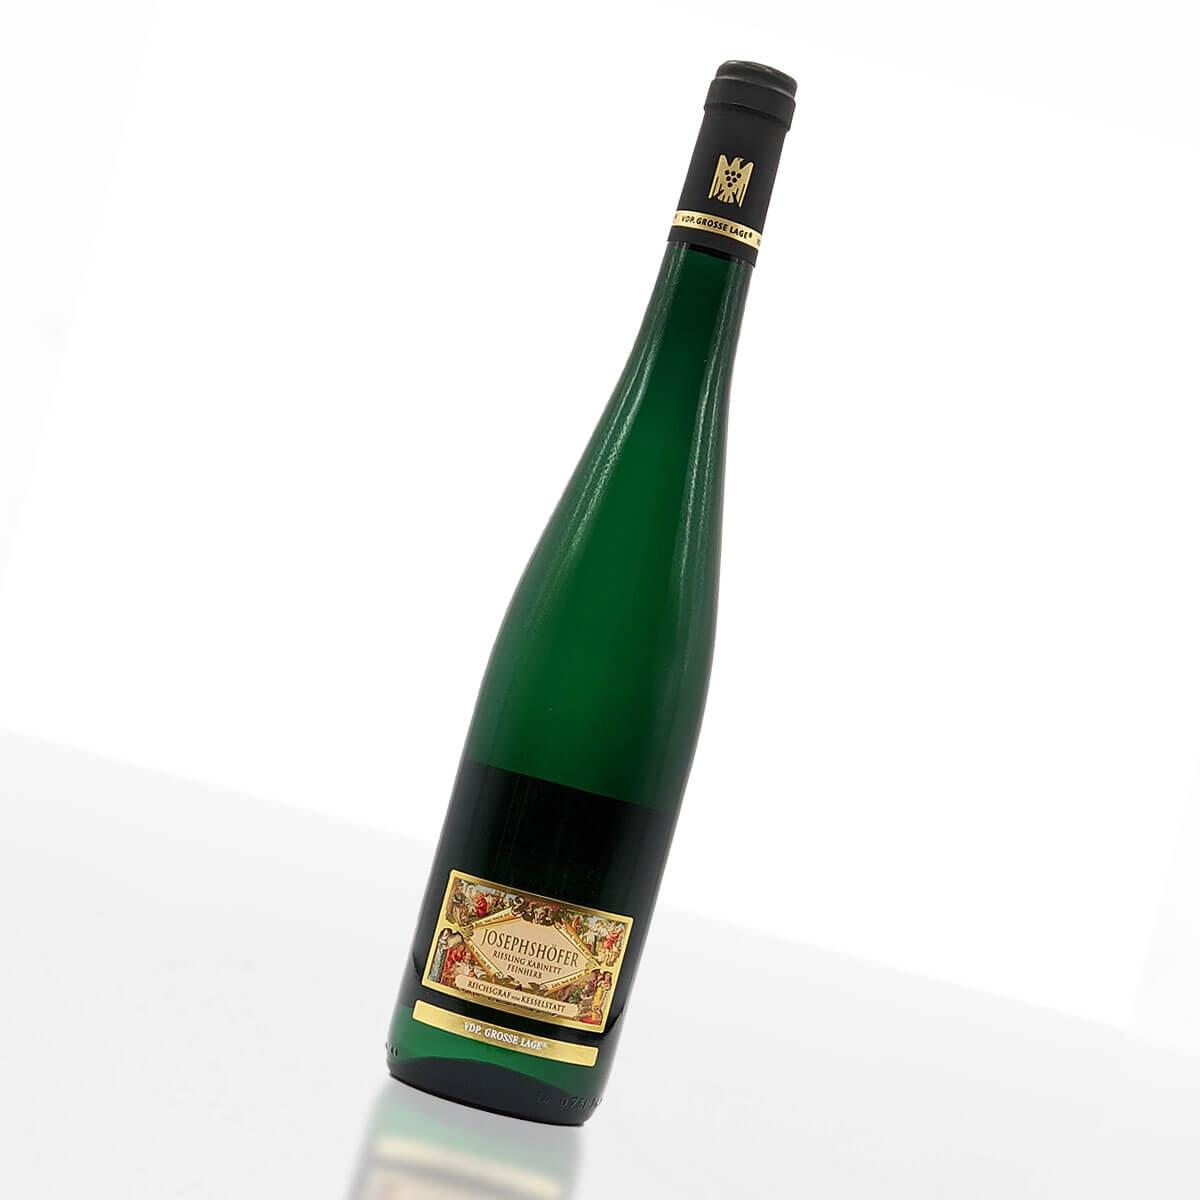 2018er Josephshöfer Kabinett Riesling feinherb • Weingut Reichsgraf von Kesselstatt